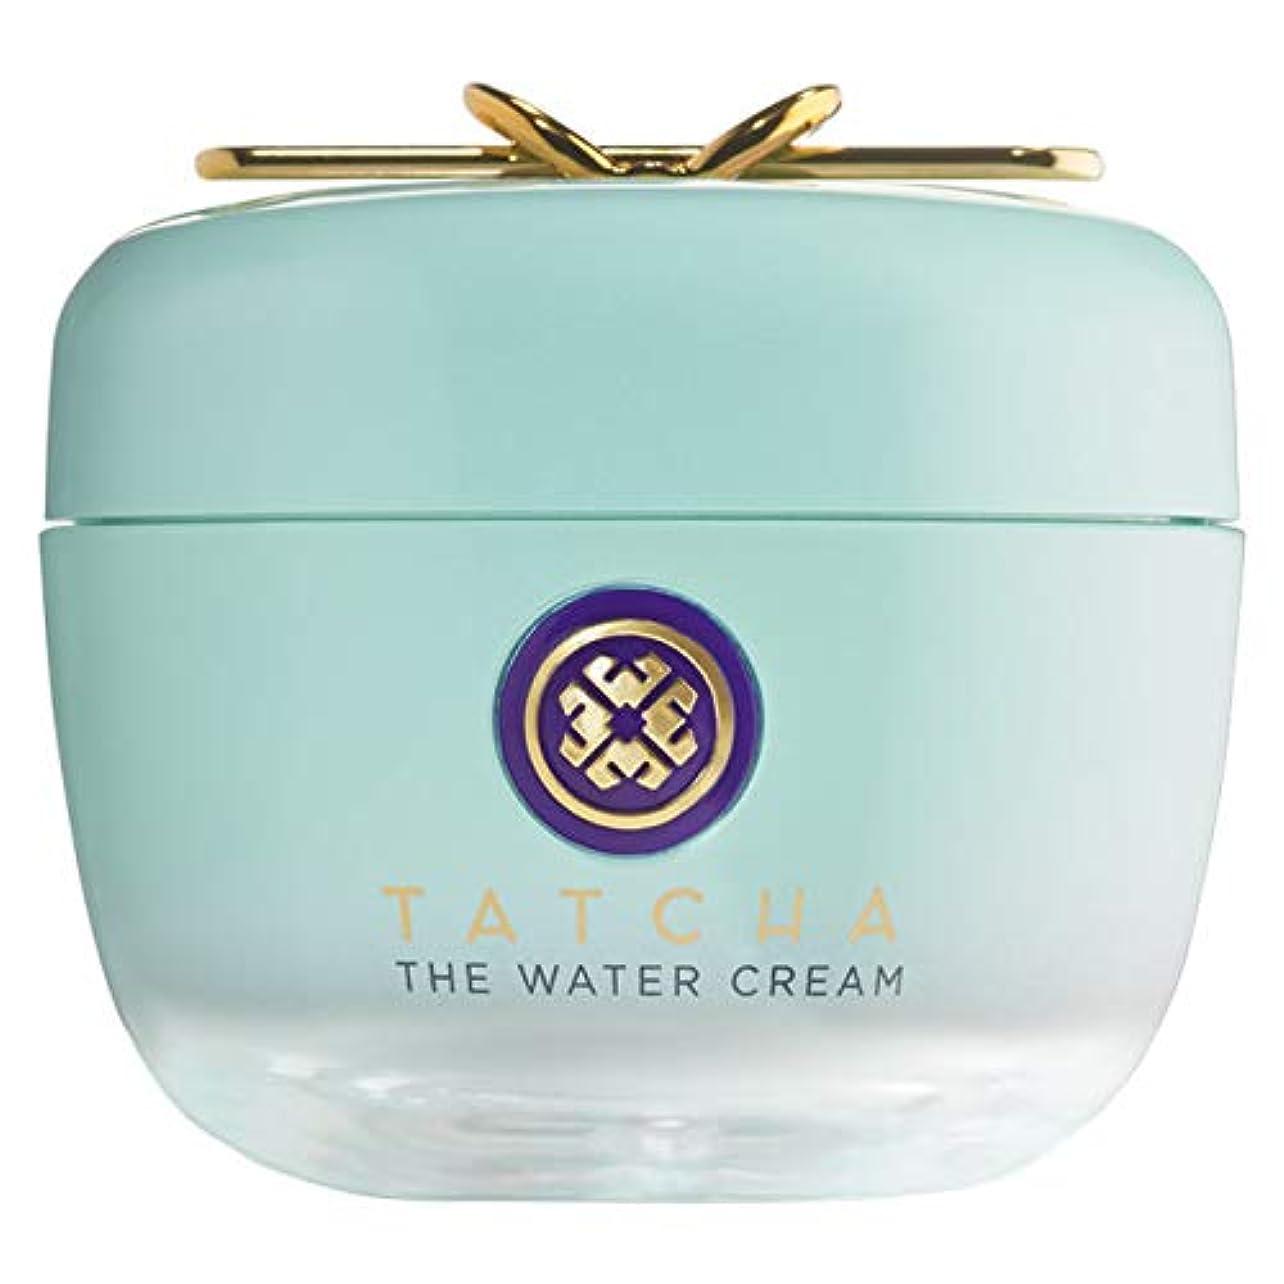 隣接するつぶやき一TATCHA The Water Cream 50ml タチャ ウォータークリーム